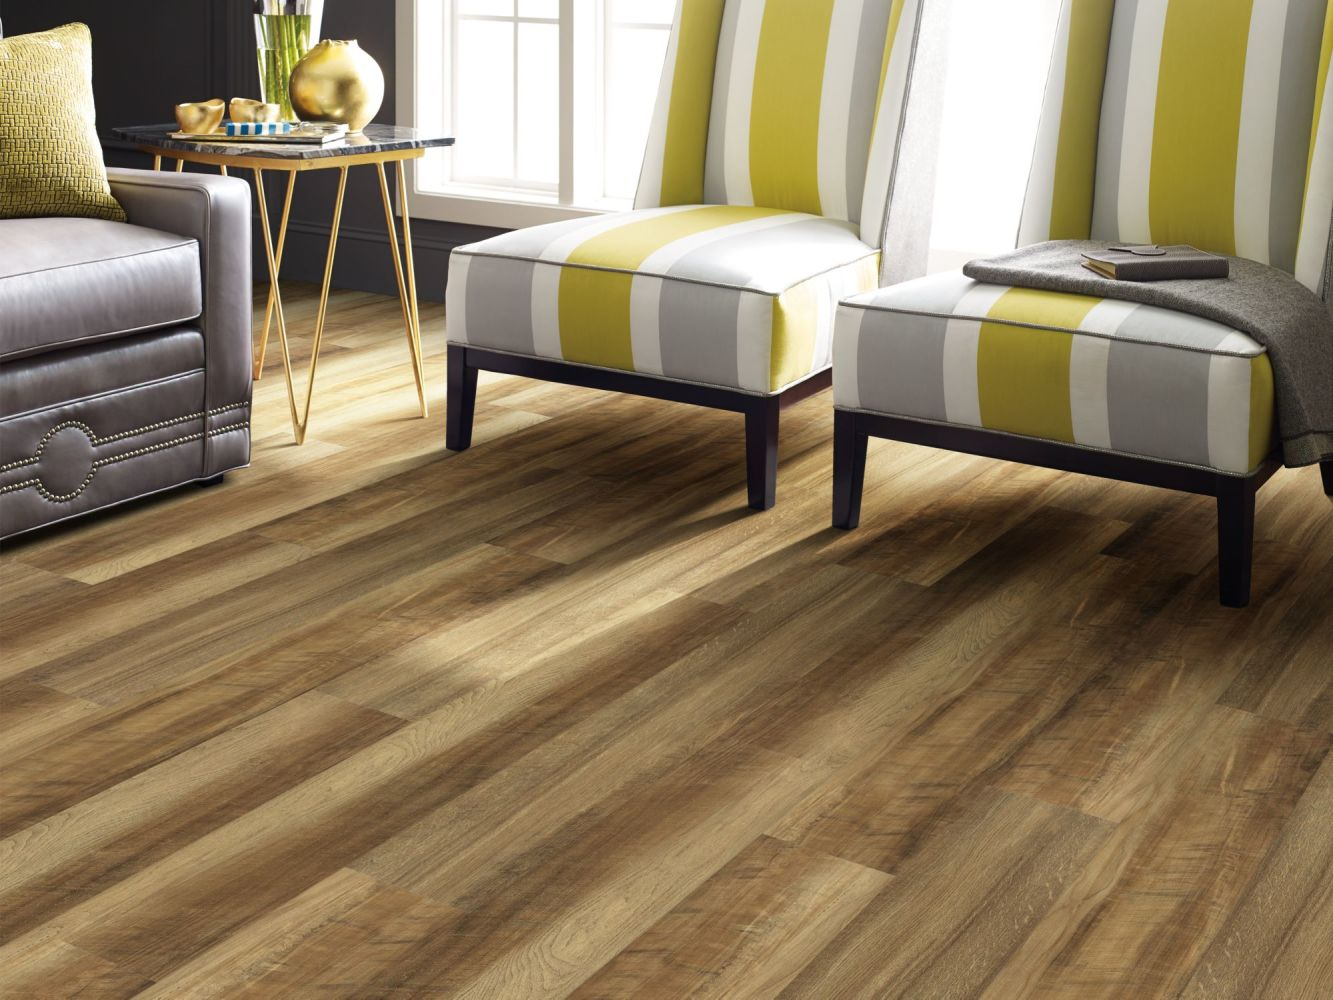 Shaw Floors Resilient Residential Easy Prestige Fulvi 00203_044VF